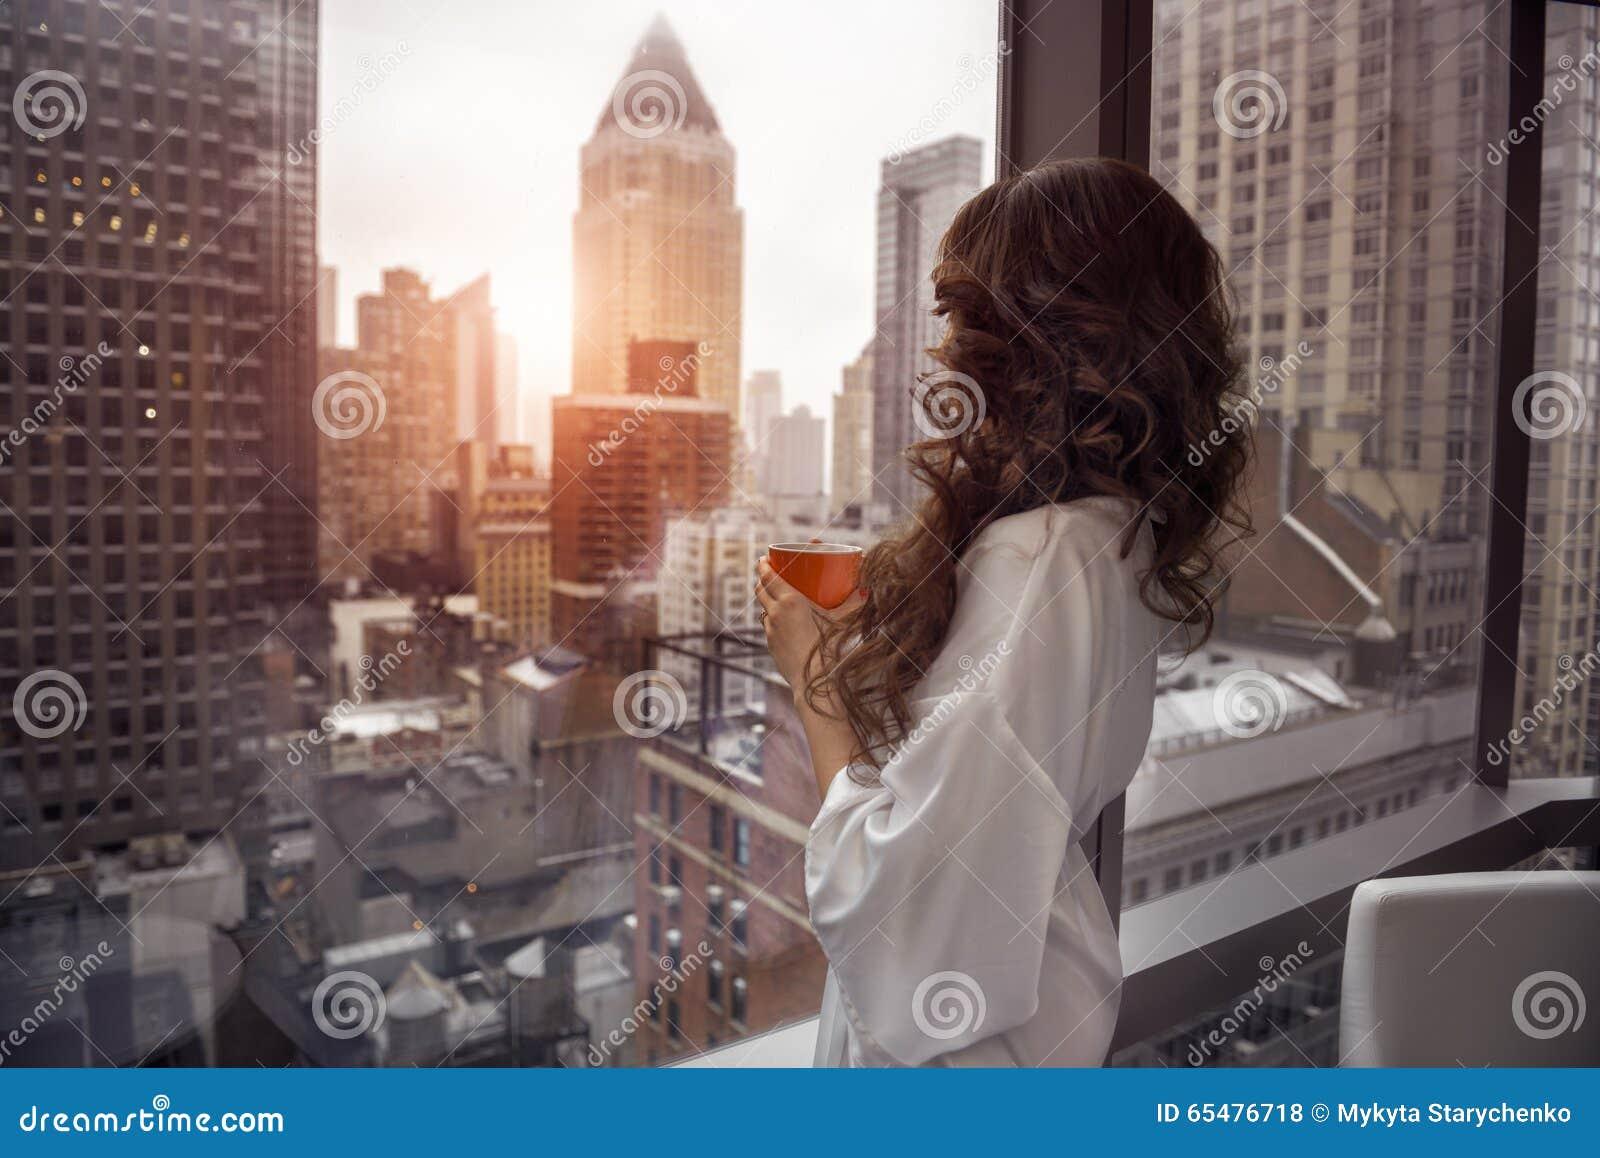 Piękna kobieta trzyma filiżankę i patrzeje okno w luksusowych Manhattan apartament na najwyższym piętrze mieszkaniach